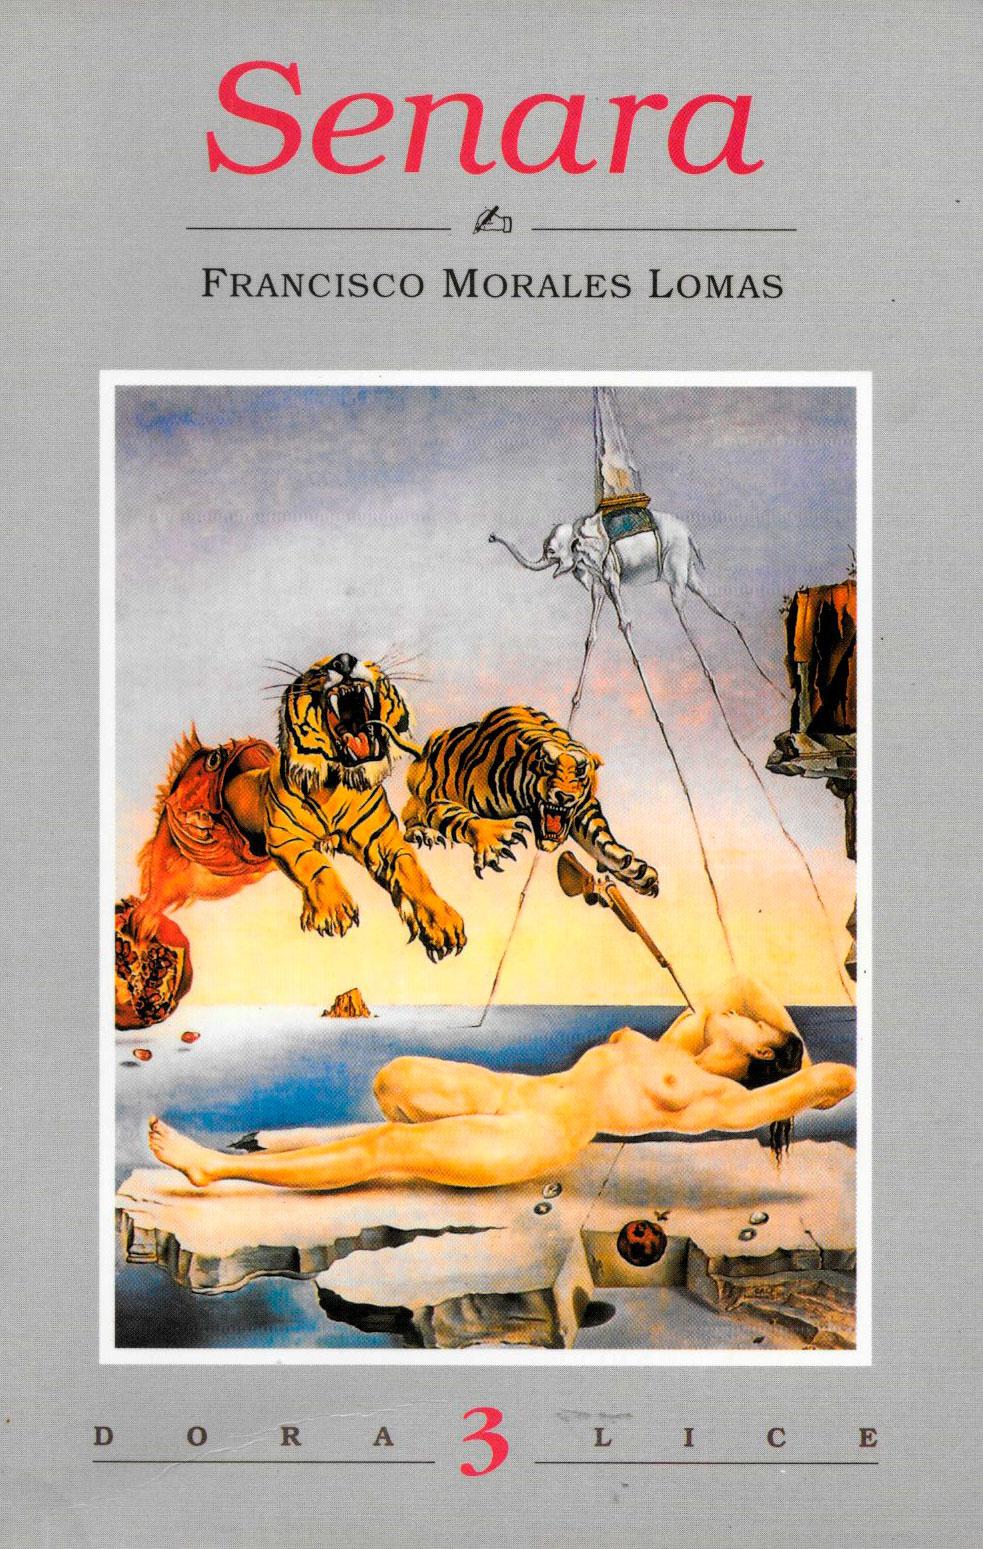 Senara, Colección Doralice, Ediciones Antonio Ubago, Granada, 1996.[ISBN 84-89430-10-1]